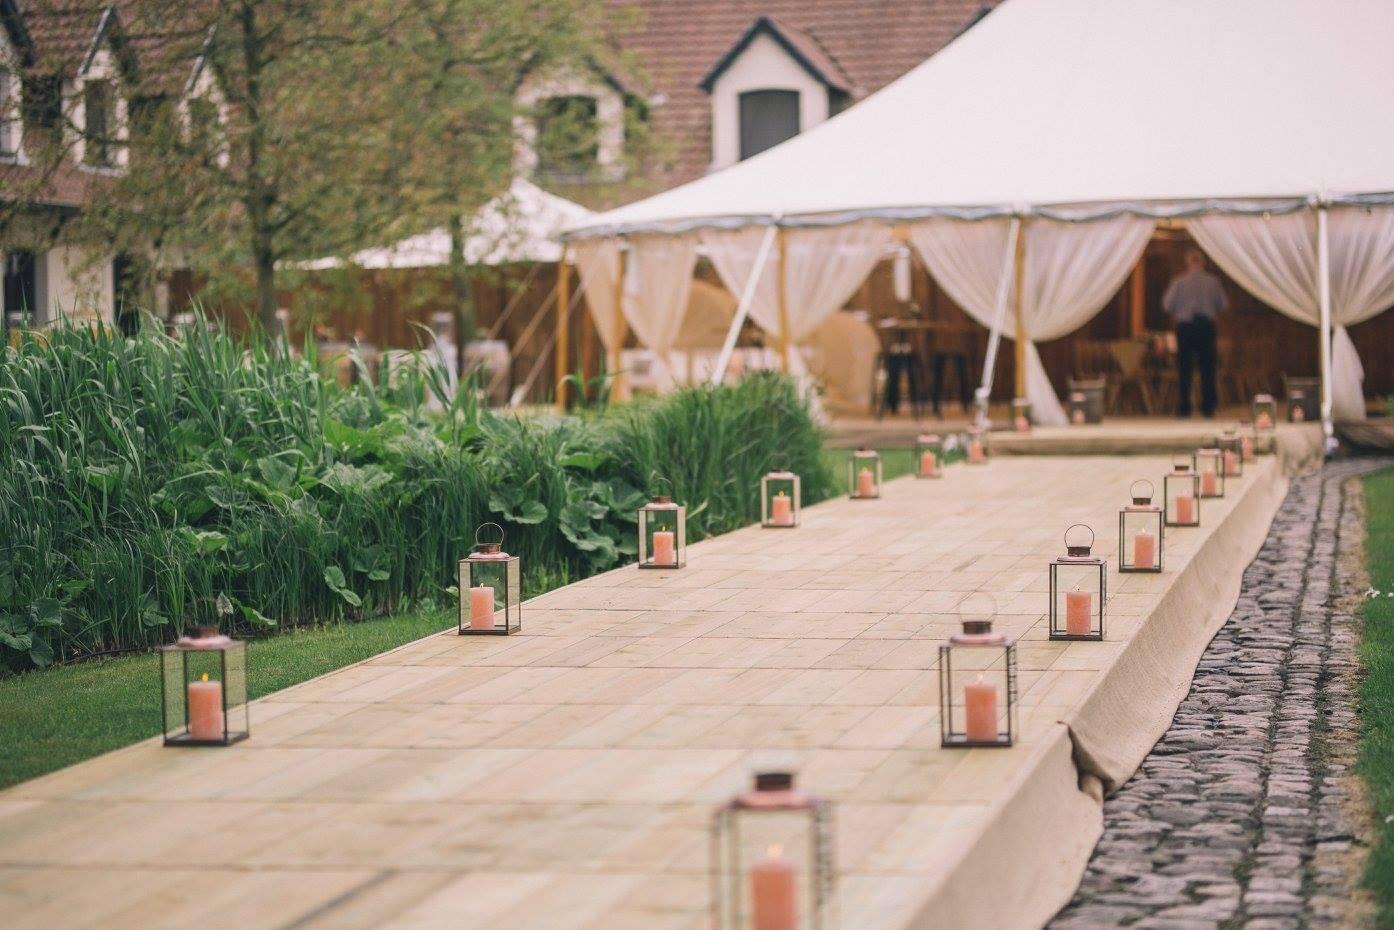 Organic-Concepts - Event Tenten - Feesttenten - Verhuur tenten - Accessoires - House of Events